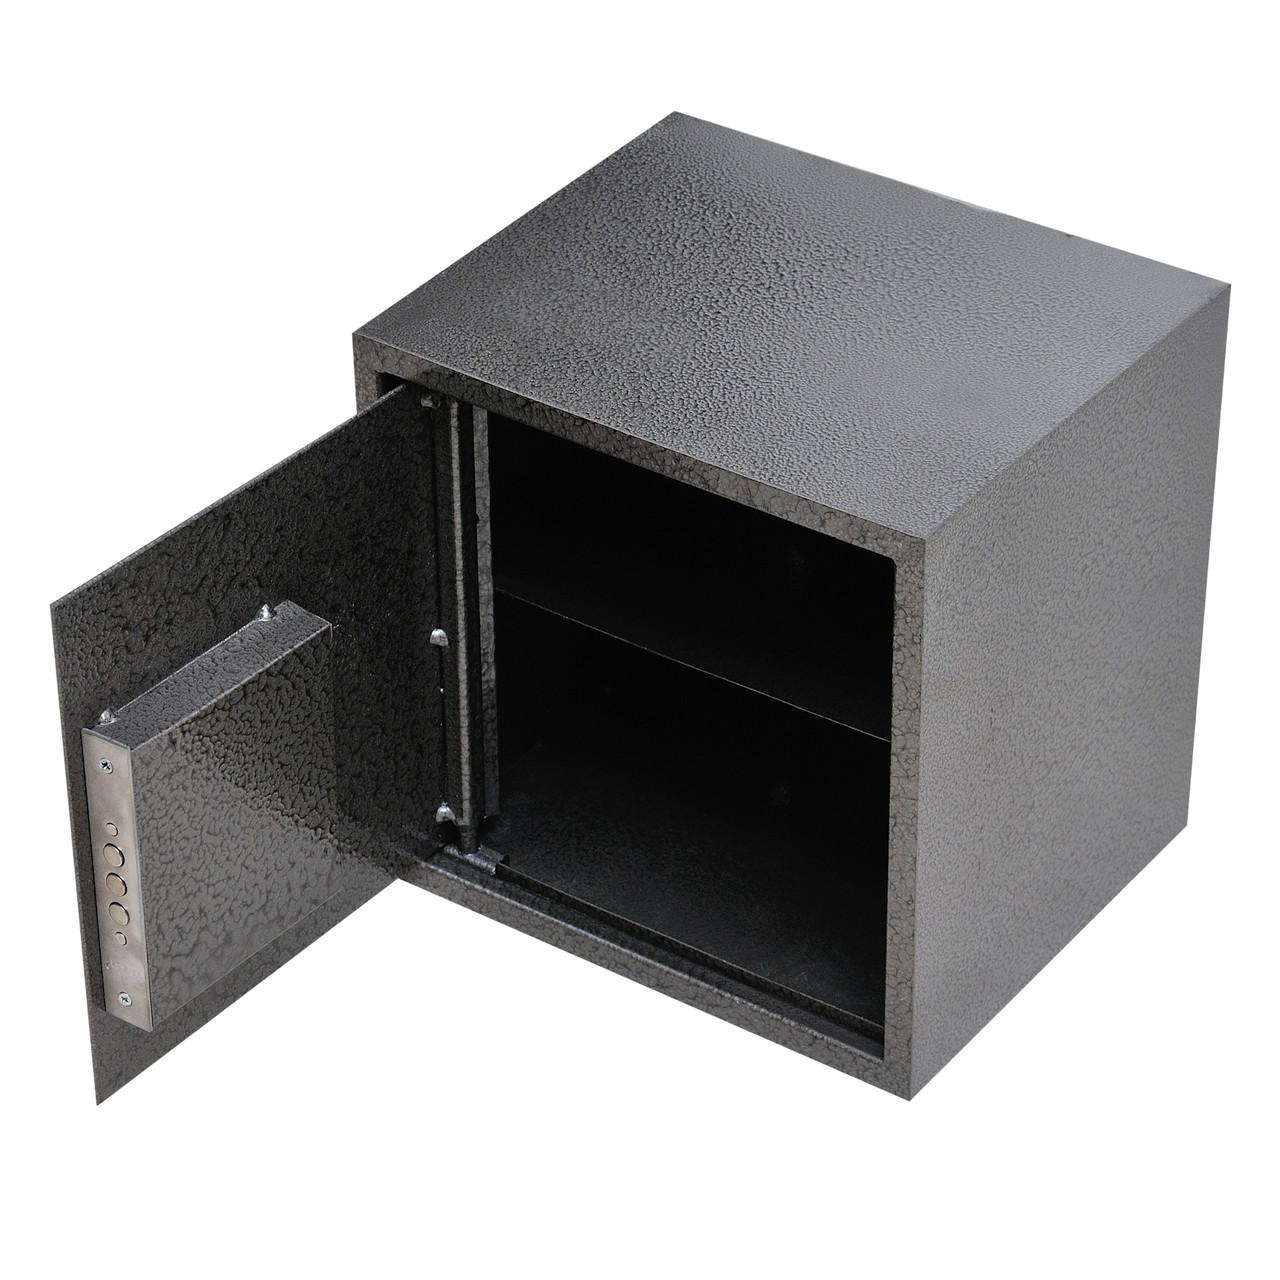 Сейф мебельный металлический для денег бумаг документов 40х40х35 см (Маленький сейф с механическим замком)